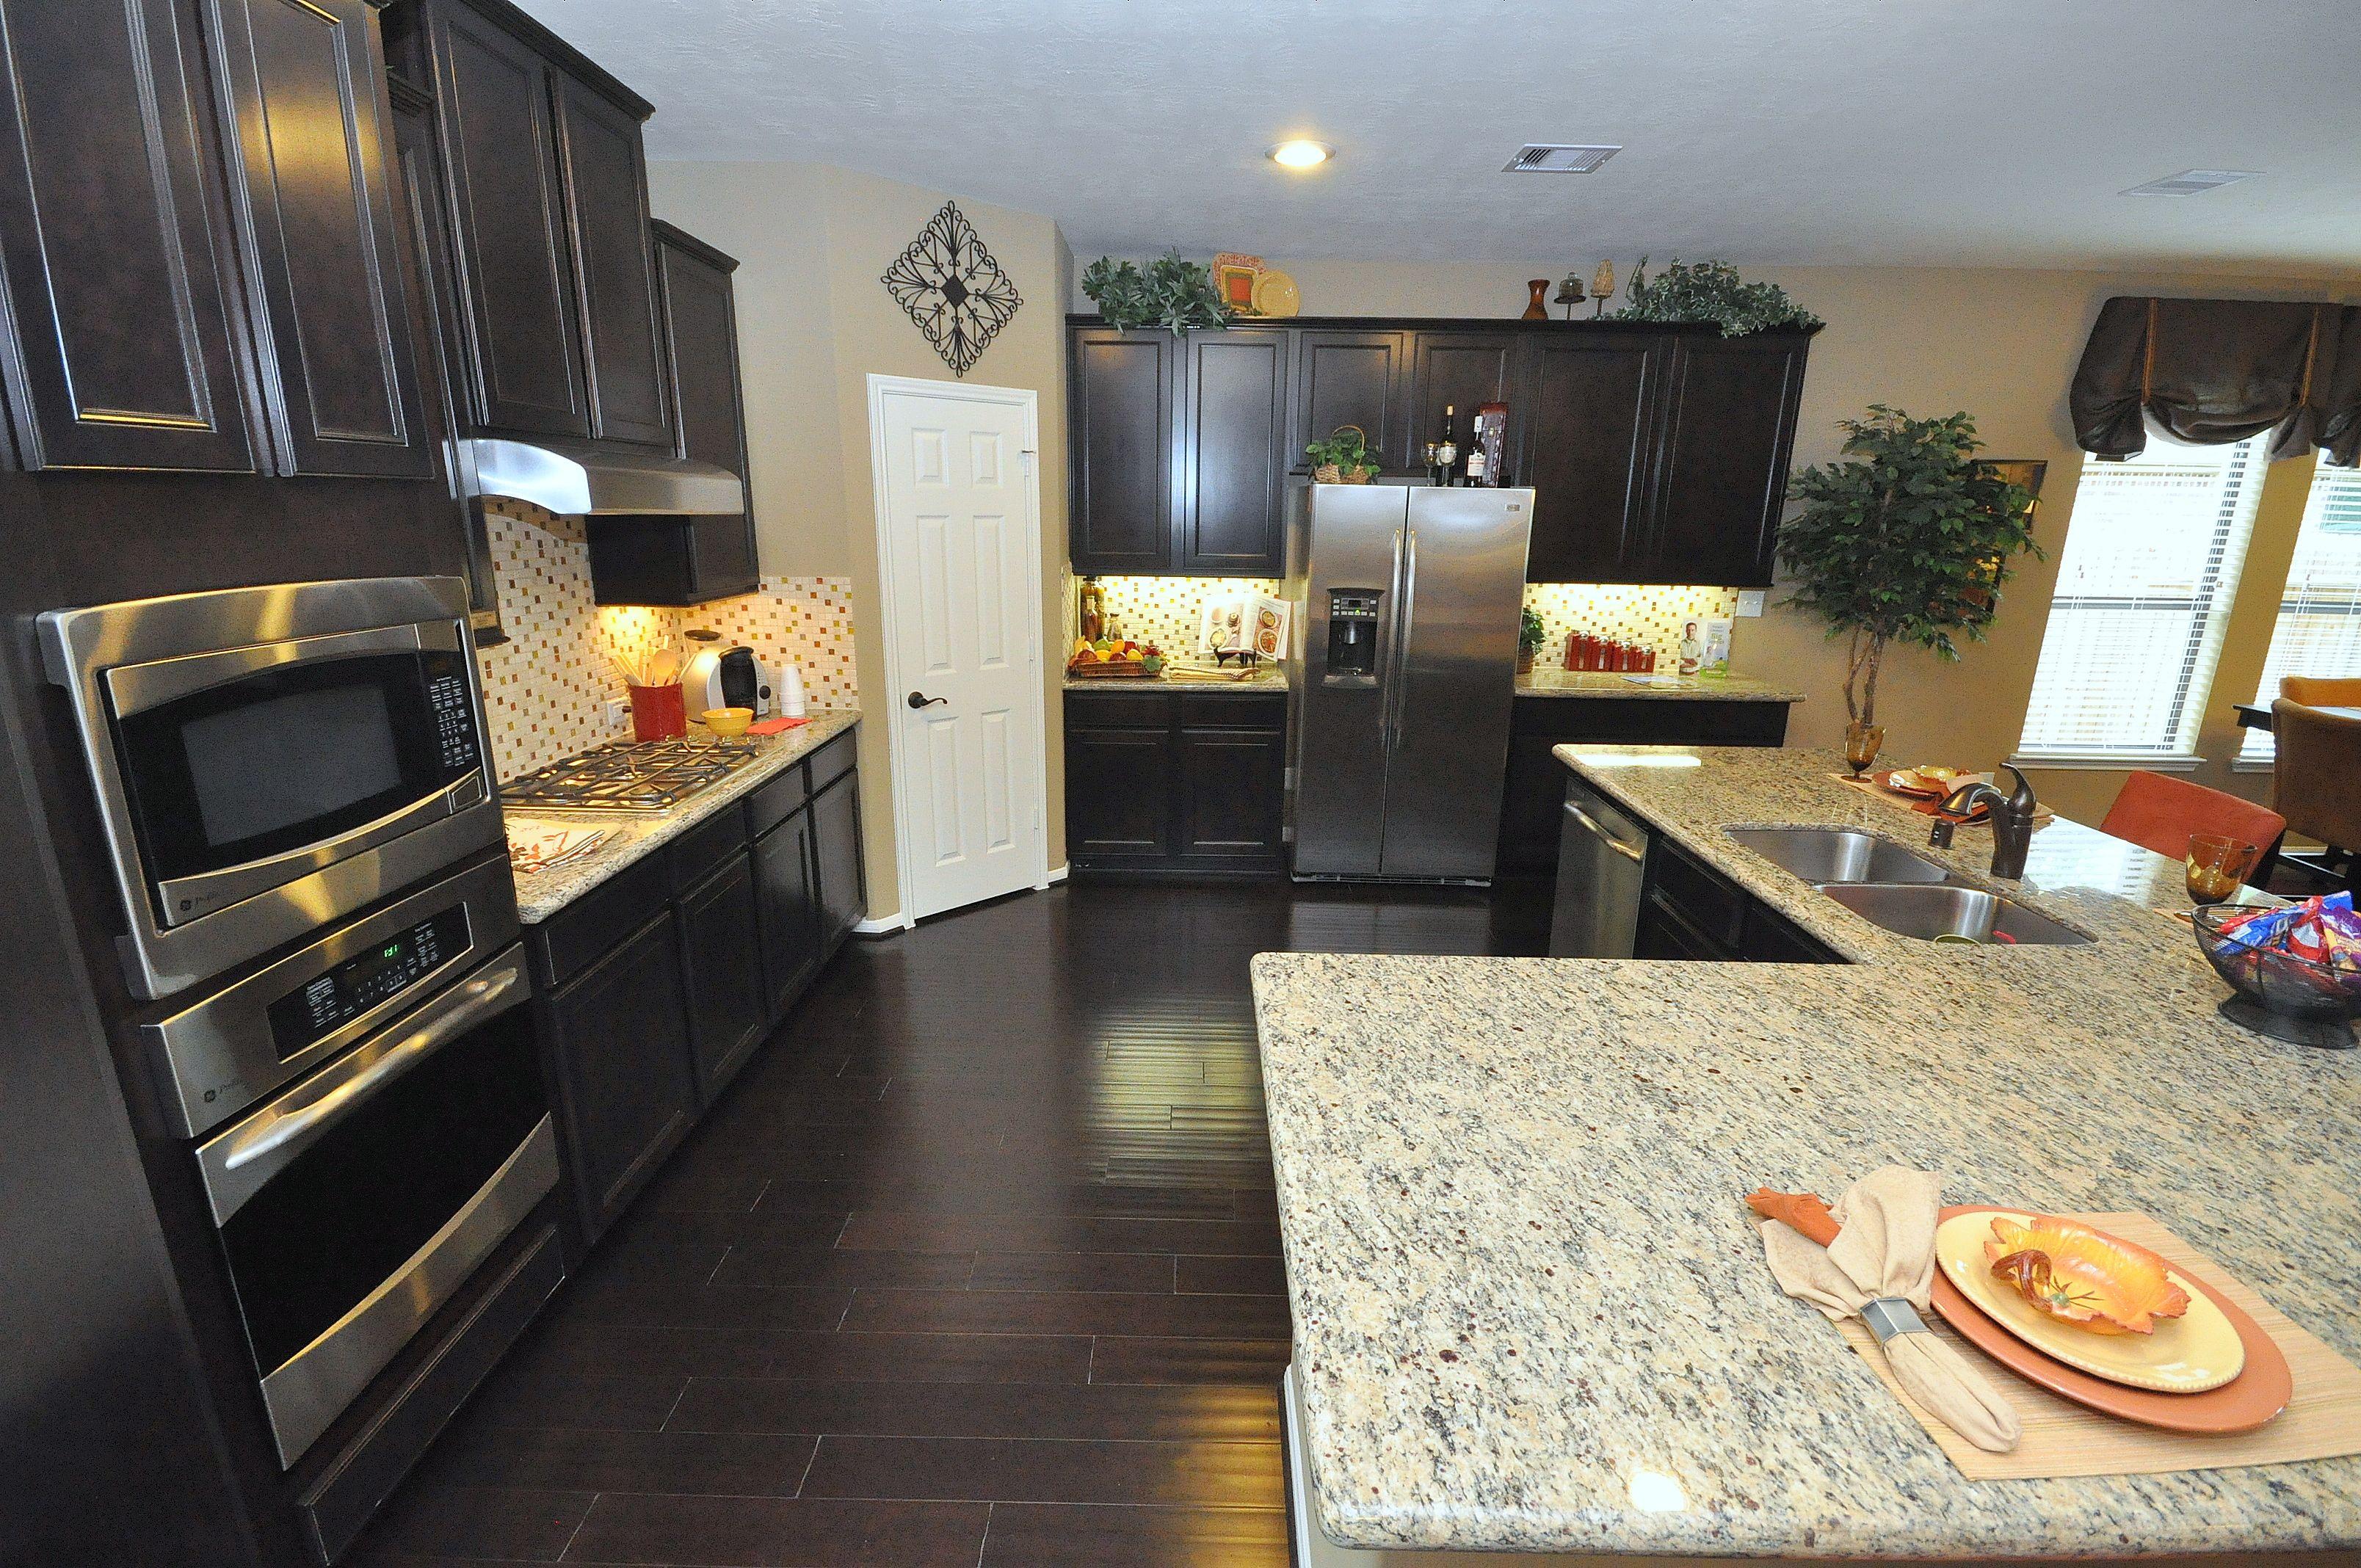 Dark Kitchen Cabinets And Light Granite Countertop Dark Kitchen Cabinets Dark Kitchen Kitchen Design Color